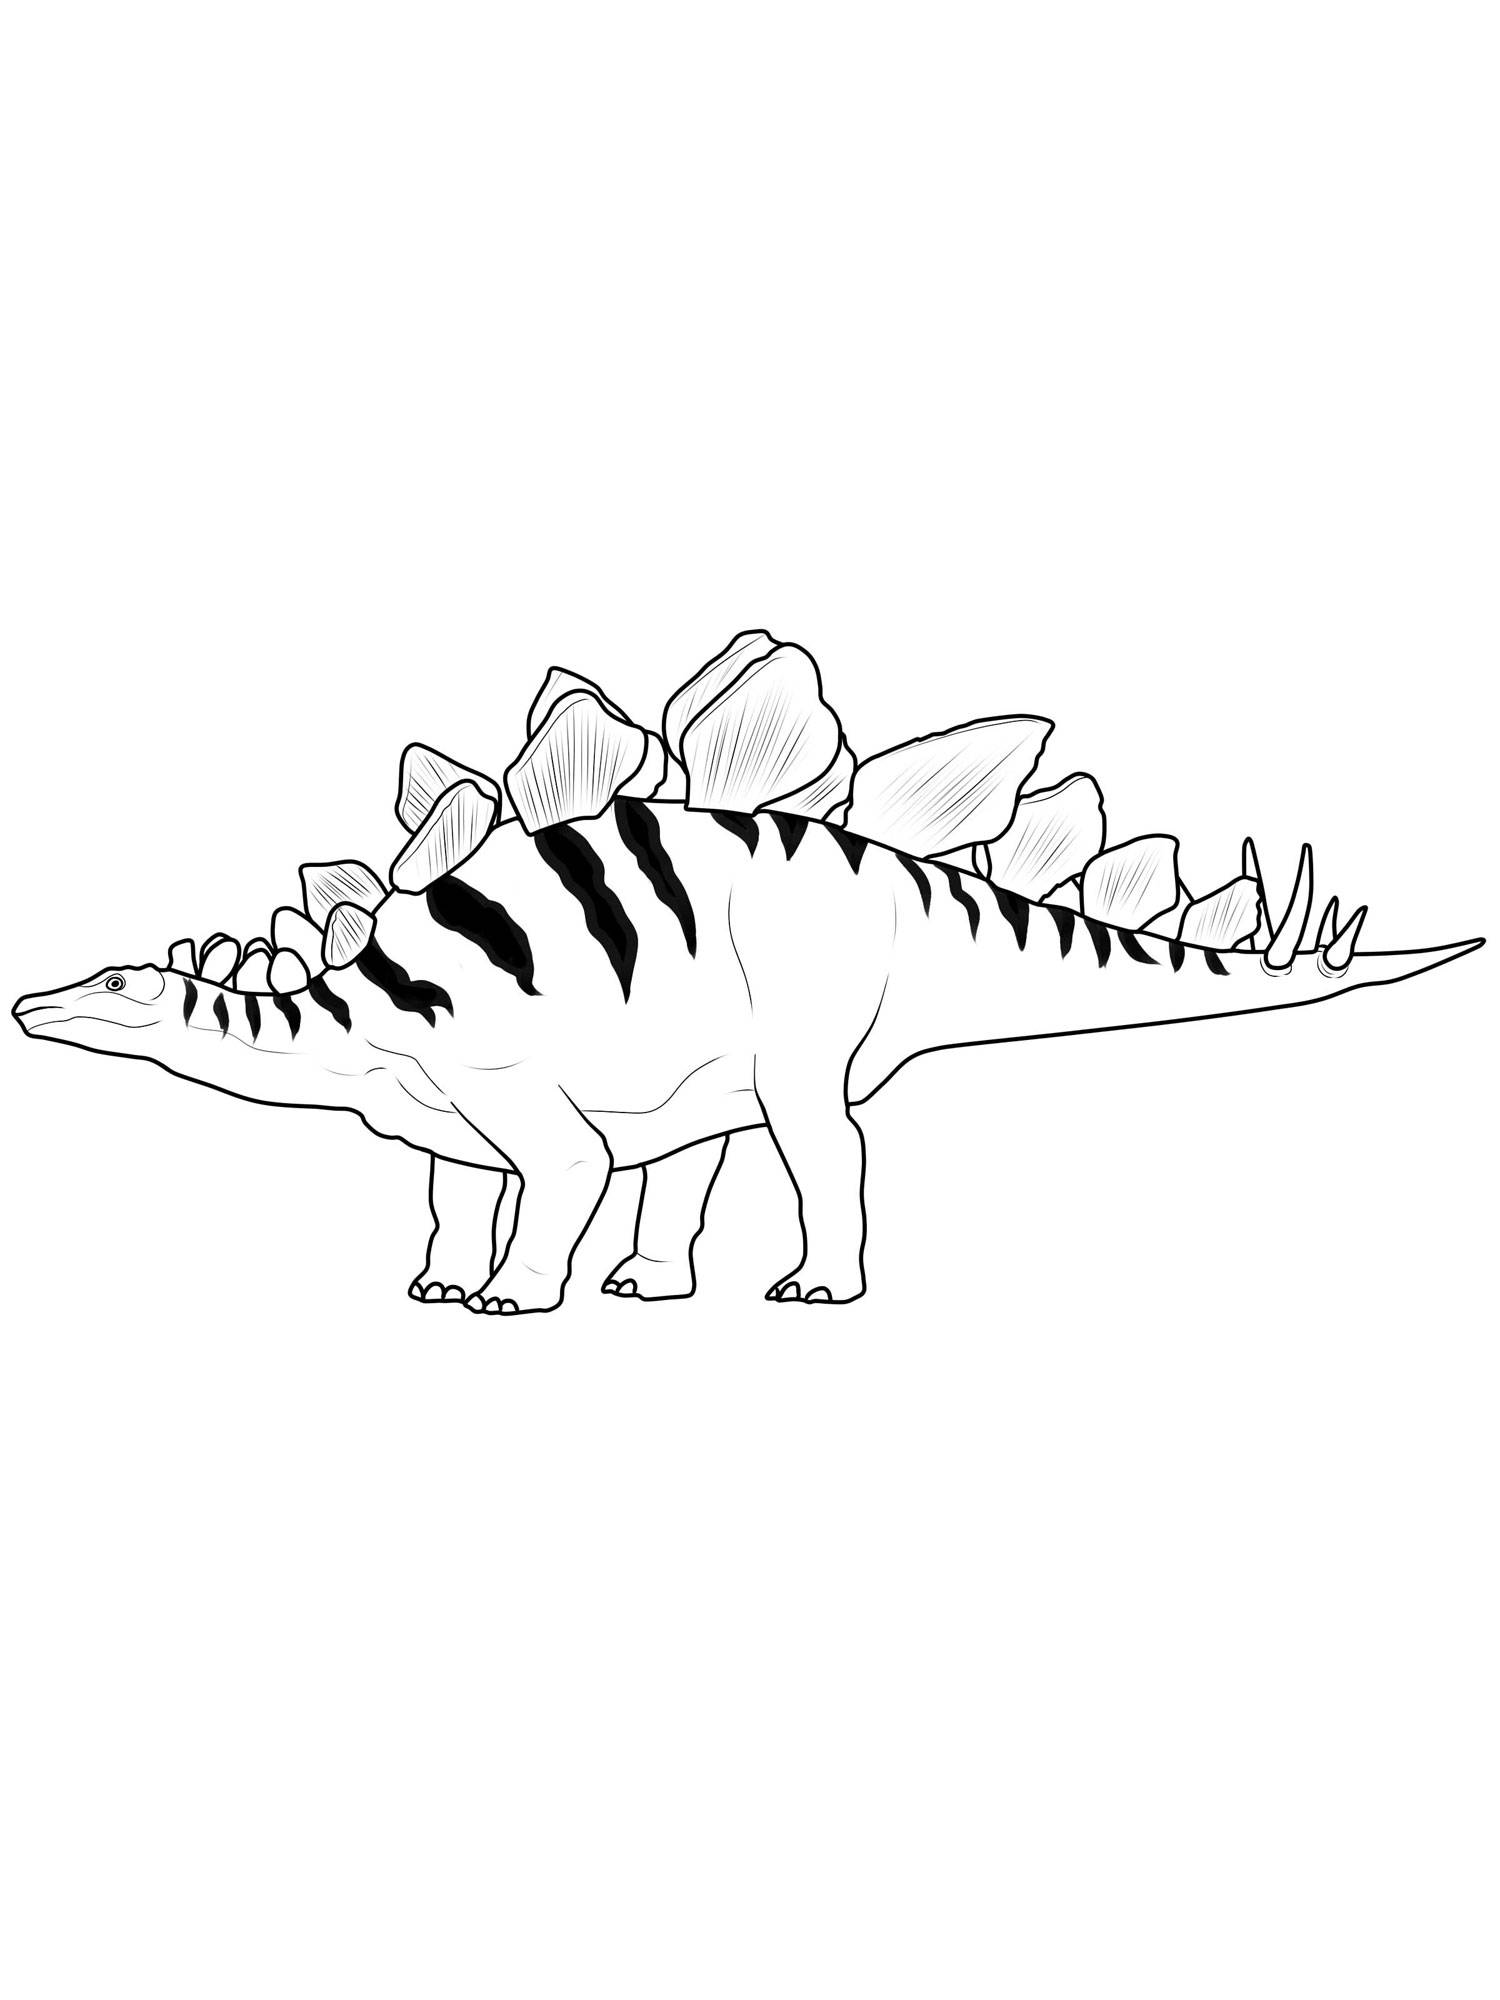 Dinosaurier Ausmalbilder Kostenlos Ausdrucken : Ausmalbild Dinosaurier Und Steinzeit Dinosaurier Stegosaurus